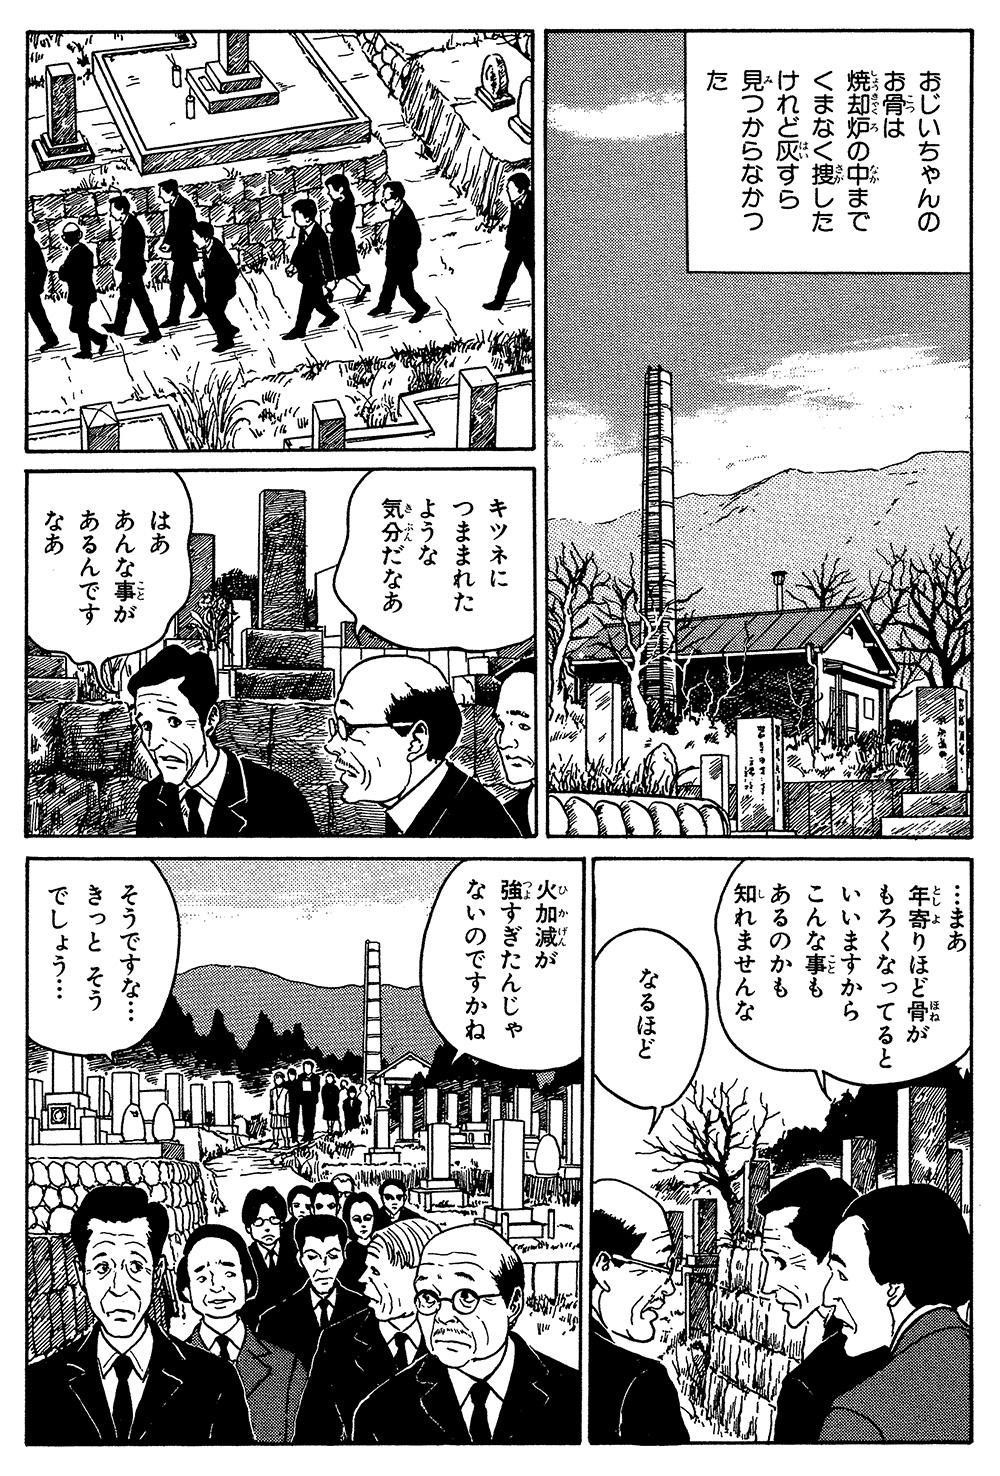 伊藤潤二傑作集「棺桶」①kanoke02-11.jpg